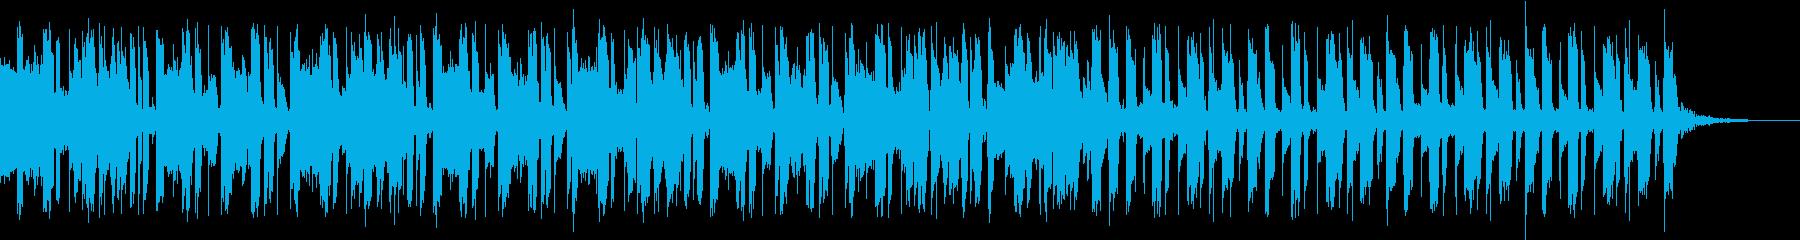 サイバー感のあるカッコいい曲の再生済みの波形